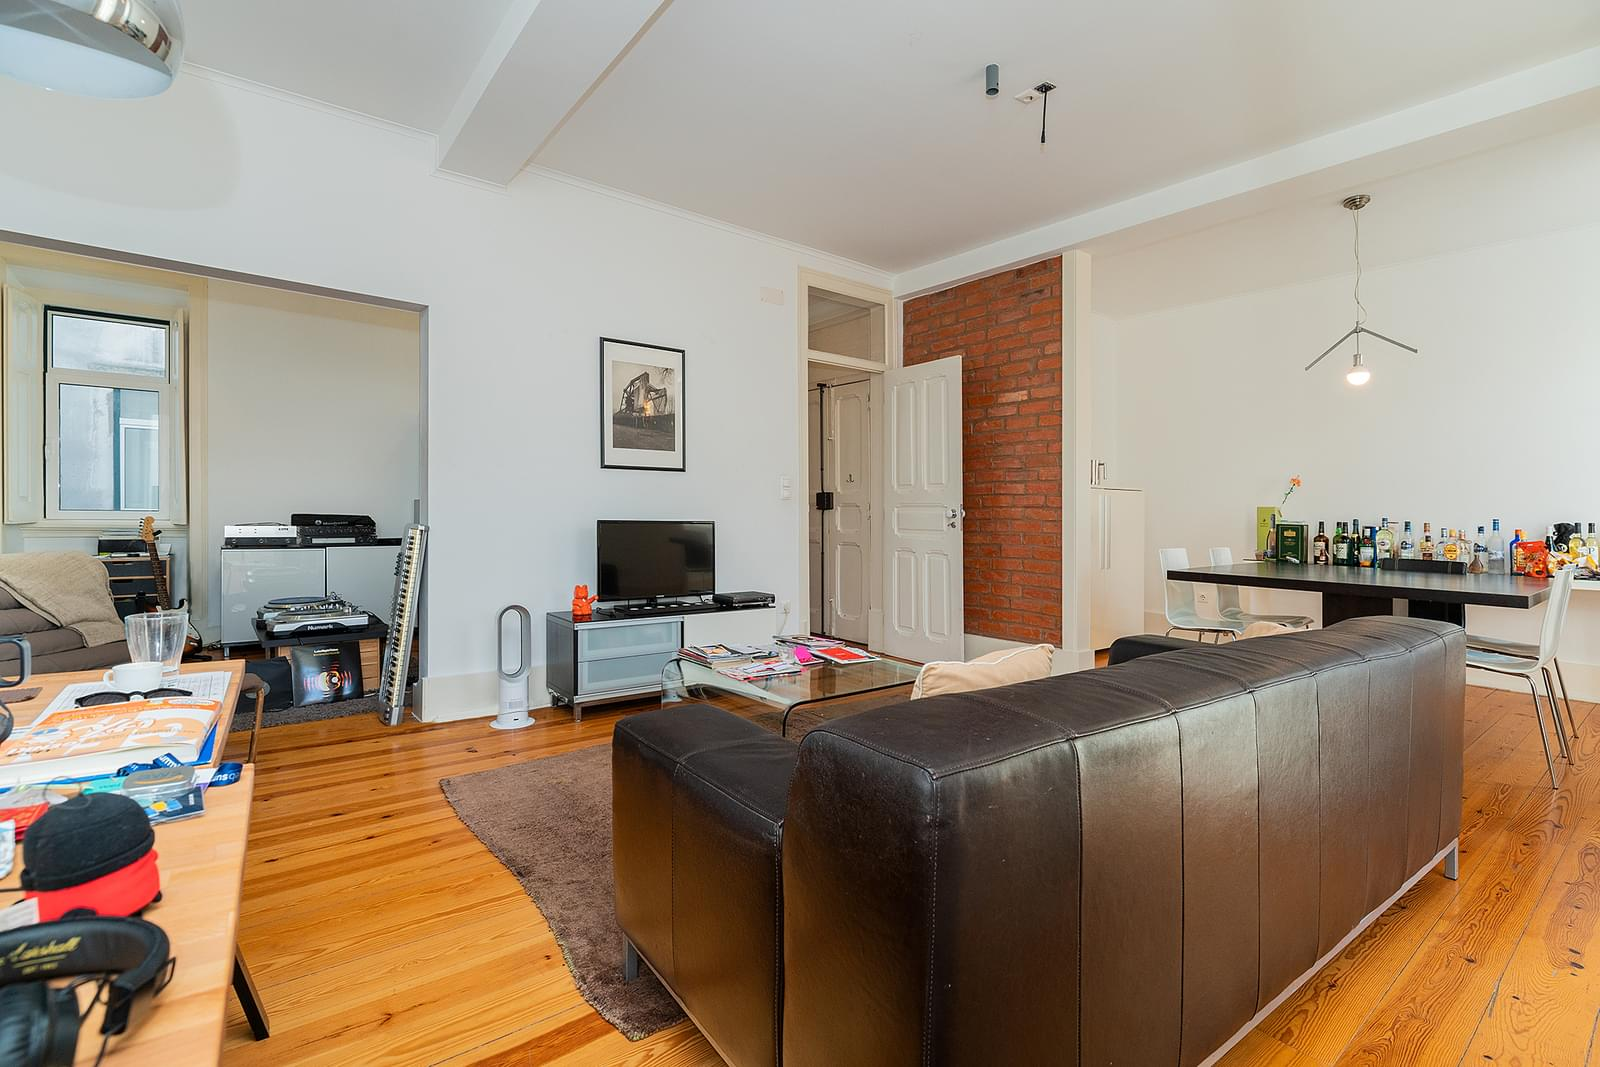 pf18211-apartamento-t2-1-lisboa-a7d17dc8-b215-435d-baf5-dc08077430ea